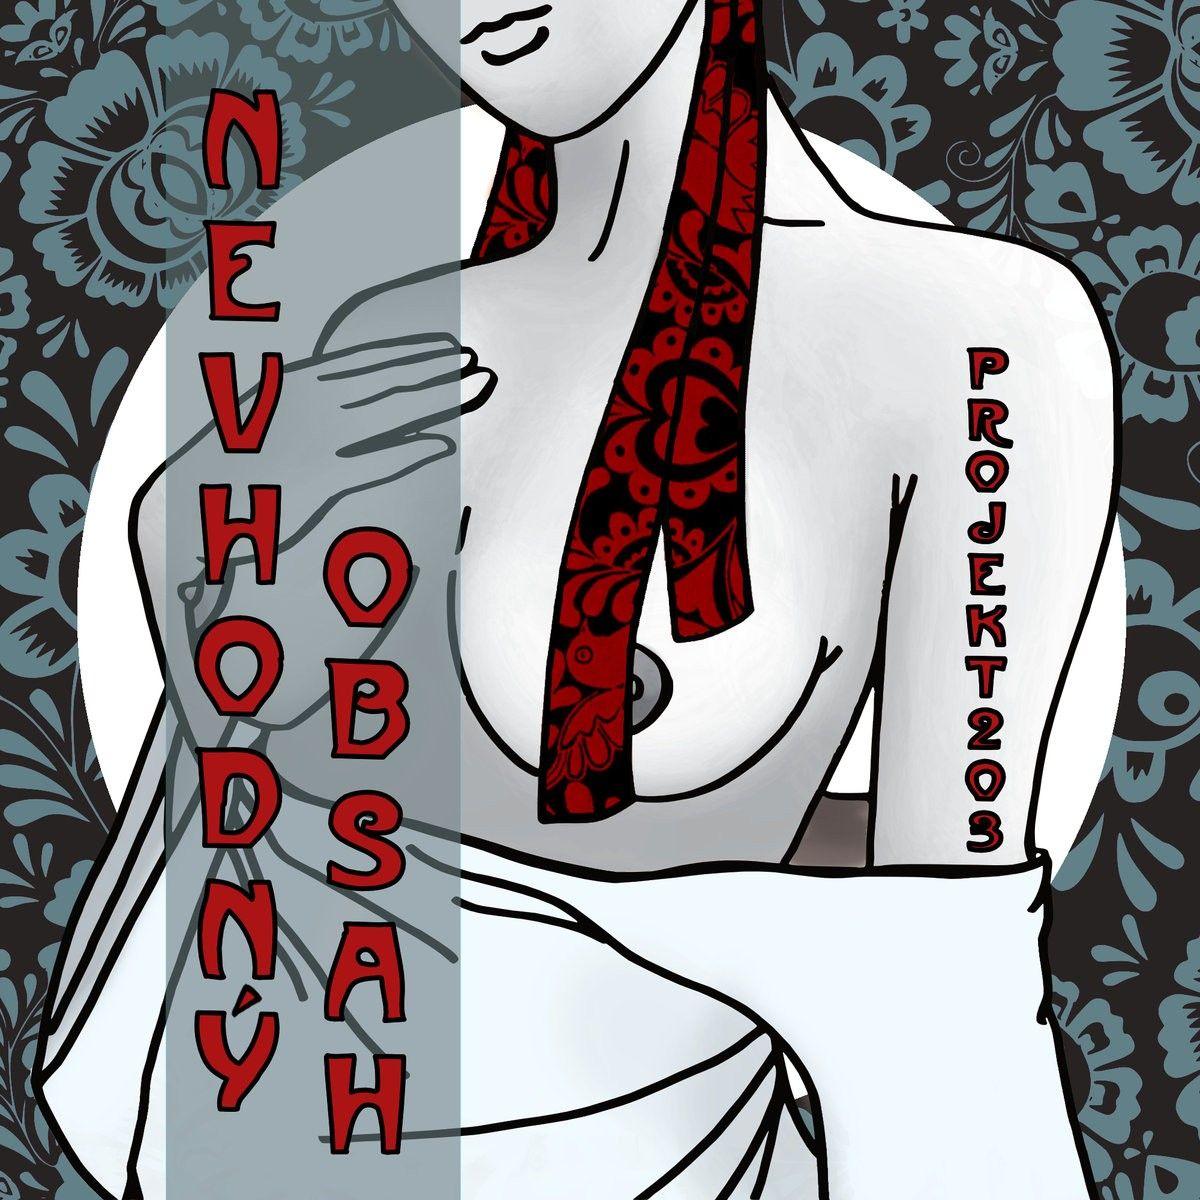 Projekt203 - Nevhodný Obsah EP cover